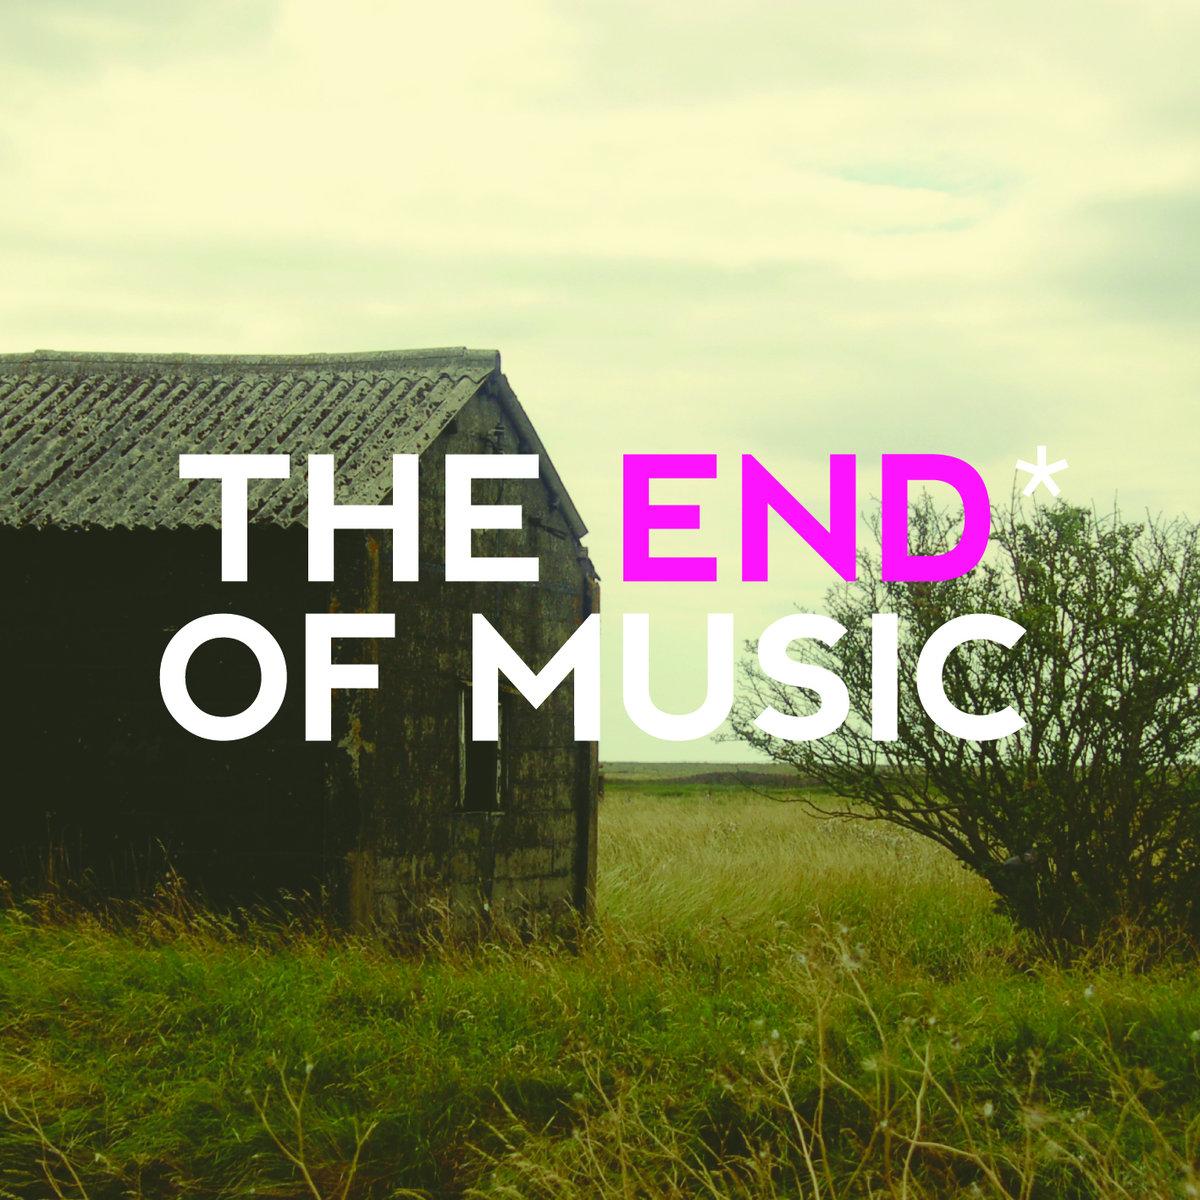 De la mancha - The end of music (Karaoke kalk, 2012)